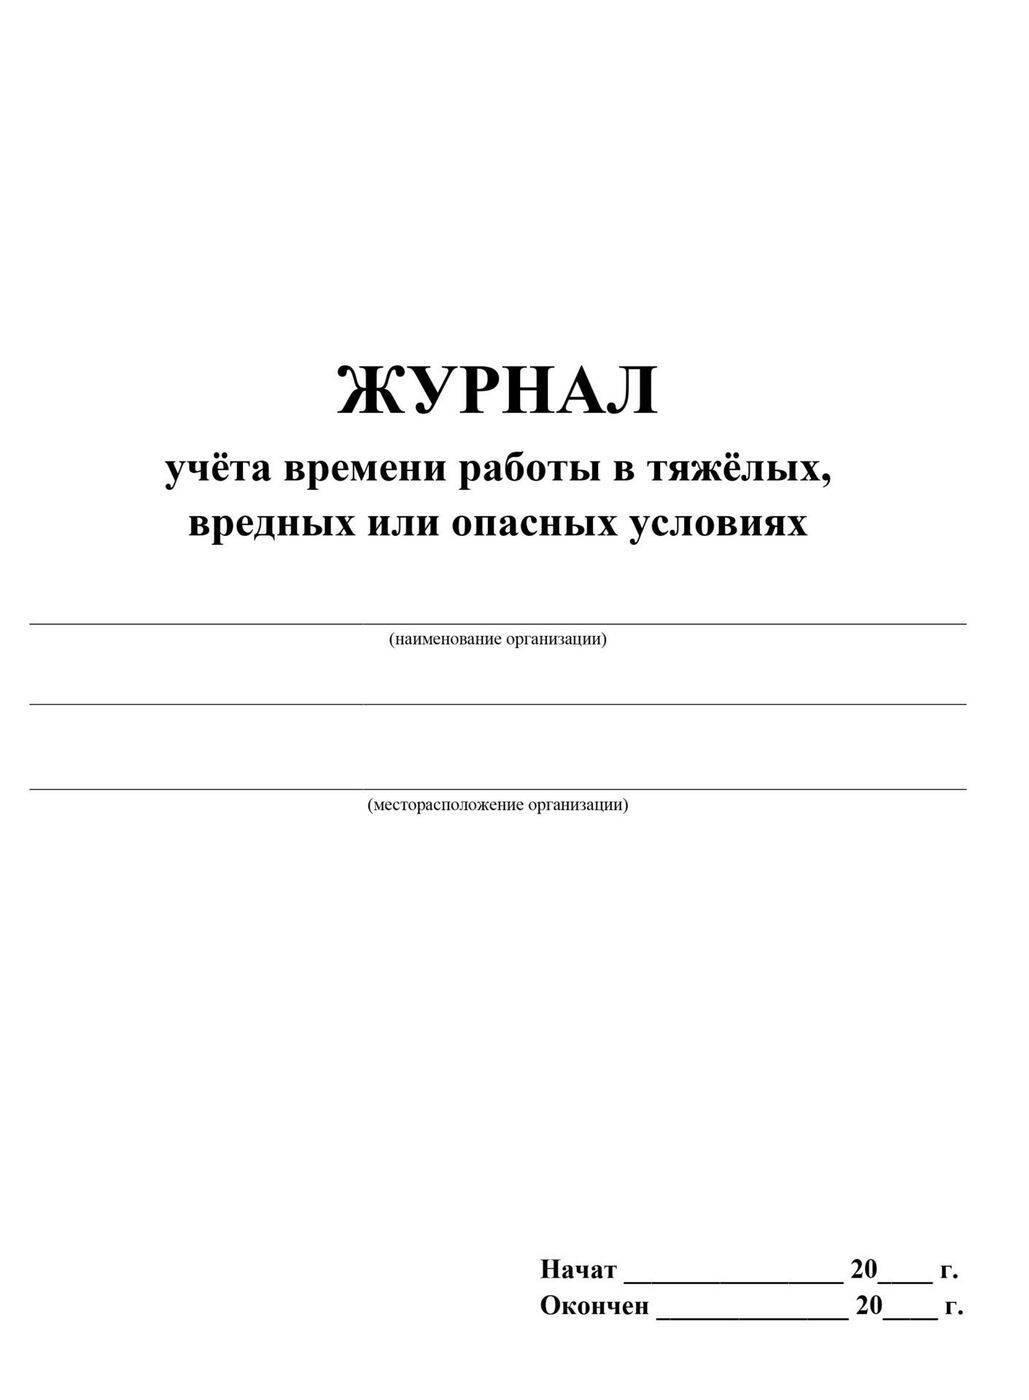 Образец журнала учета переработки военнослужащим